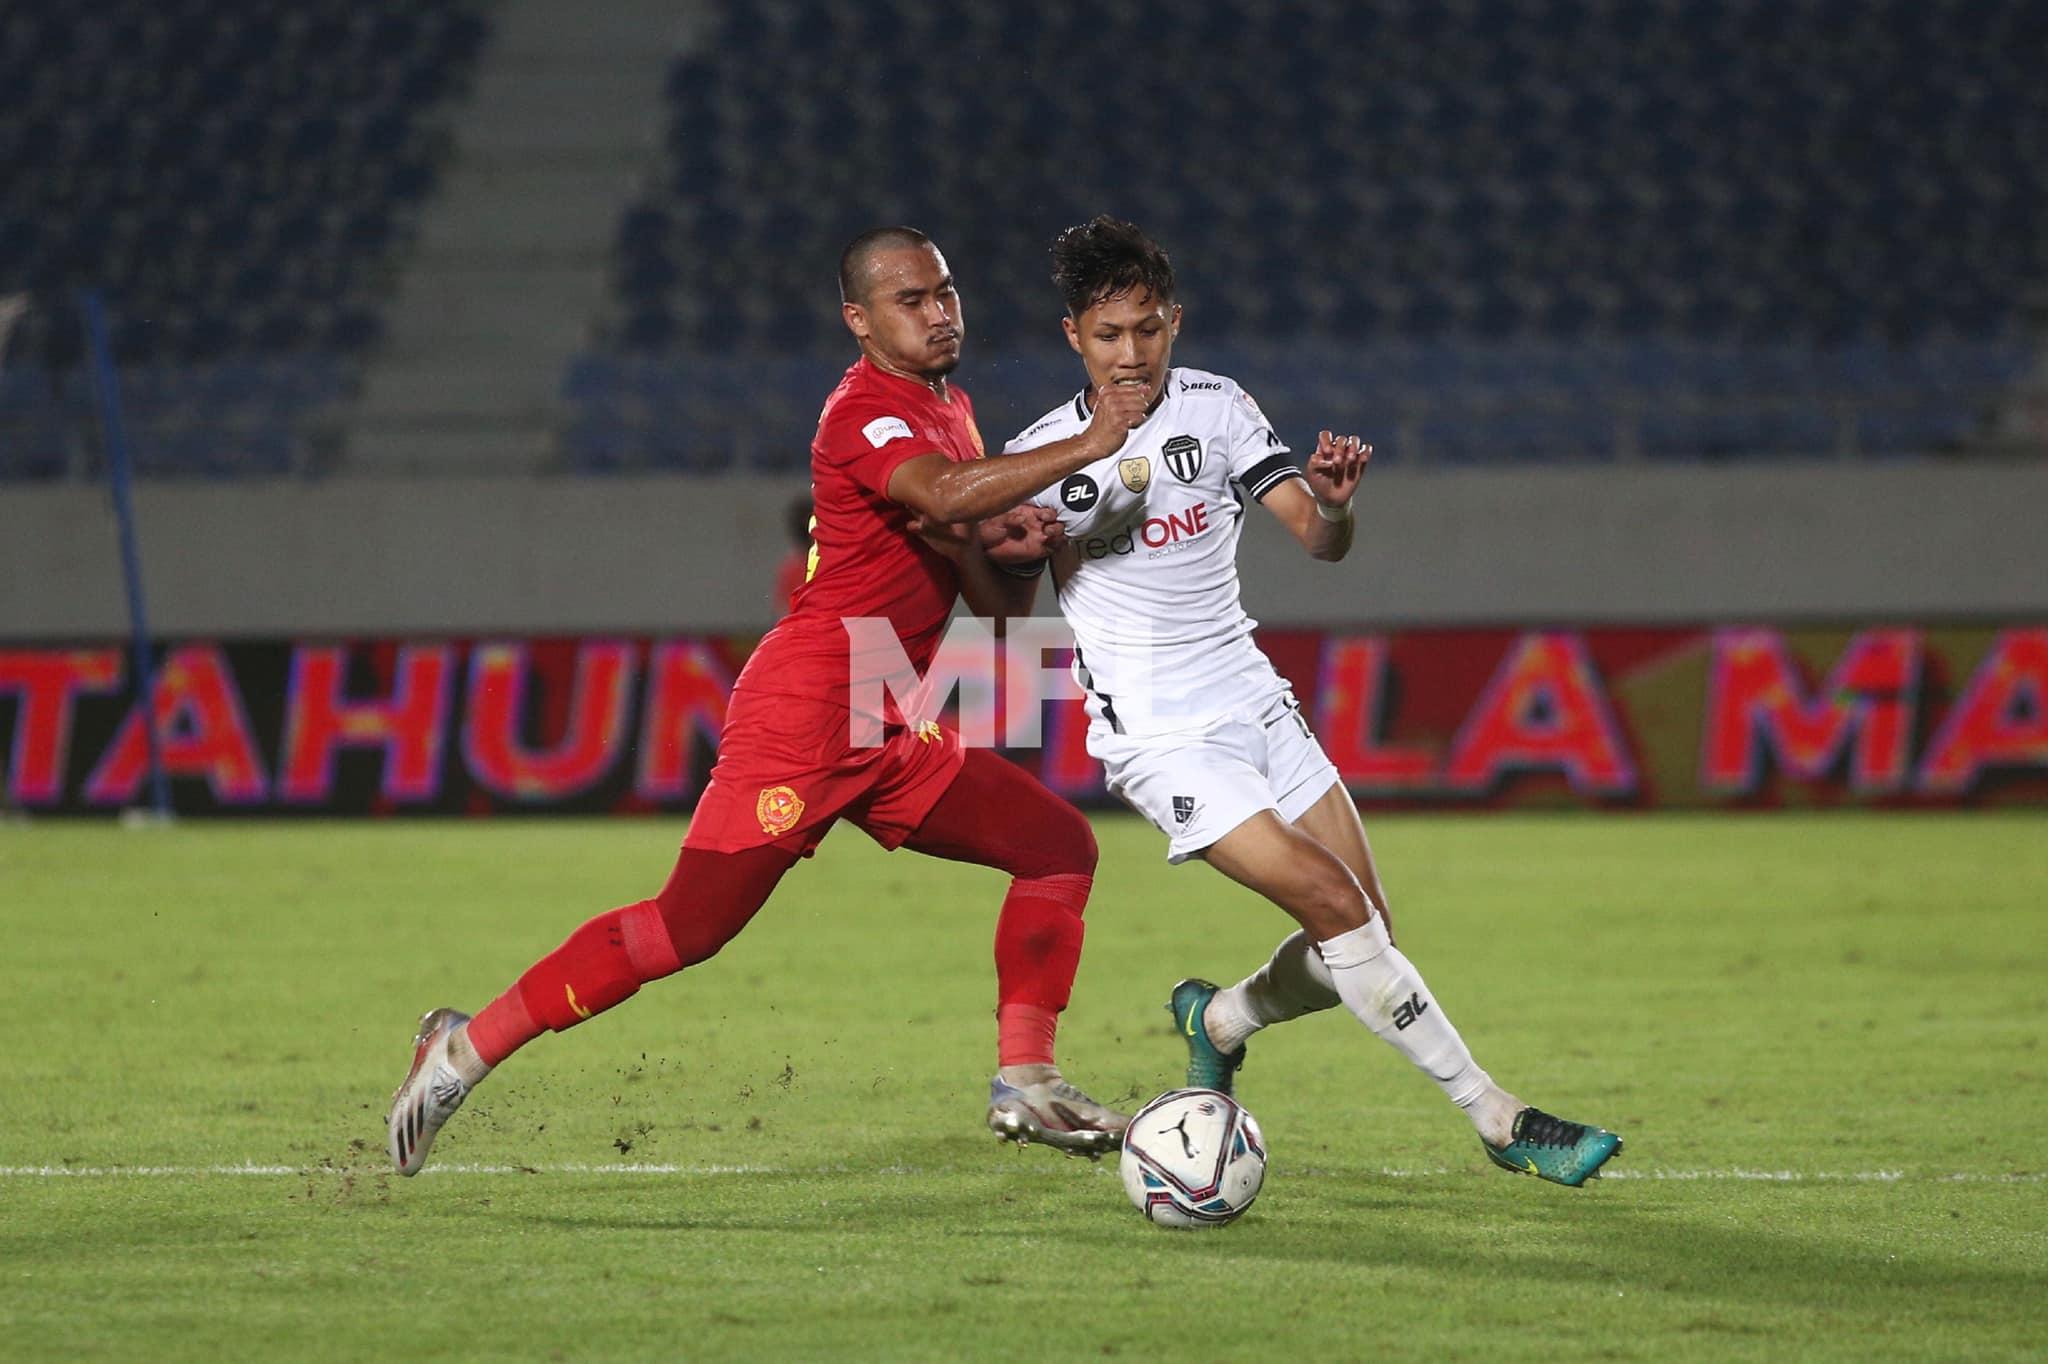 Piala Malaysia 2021